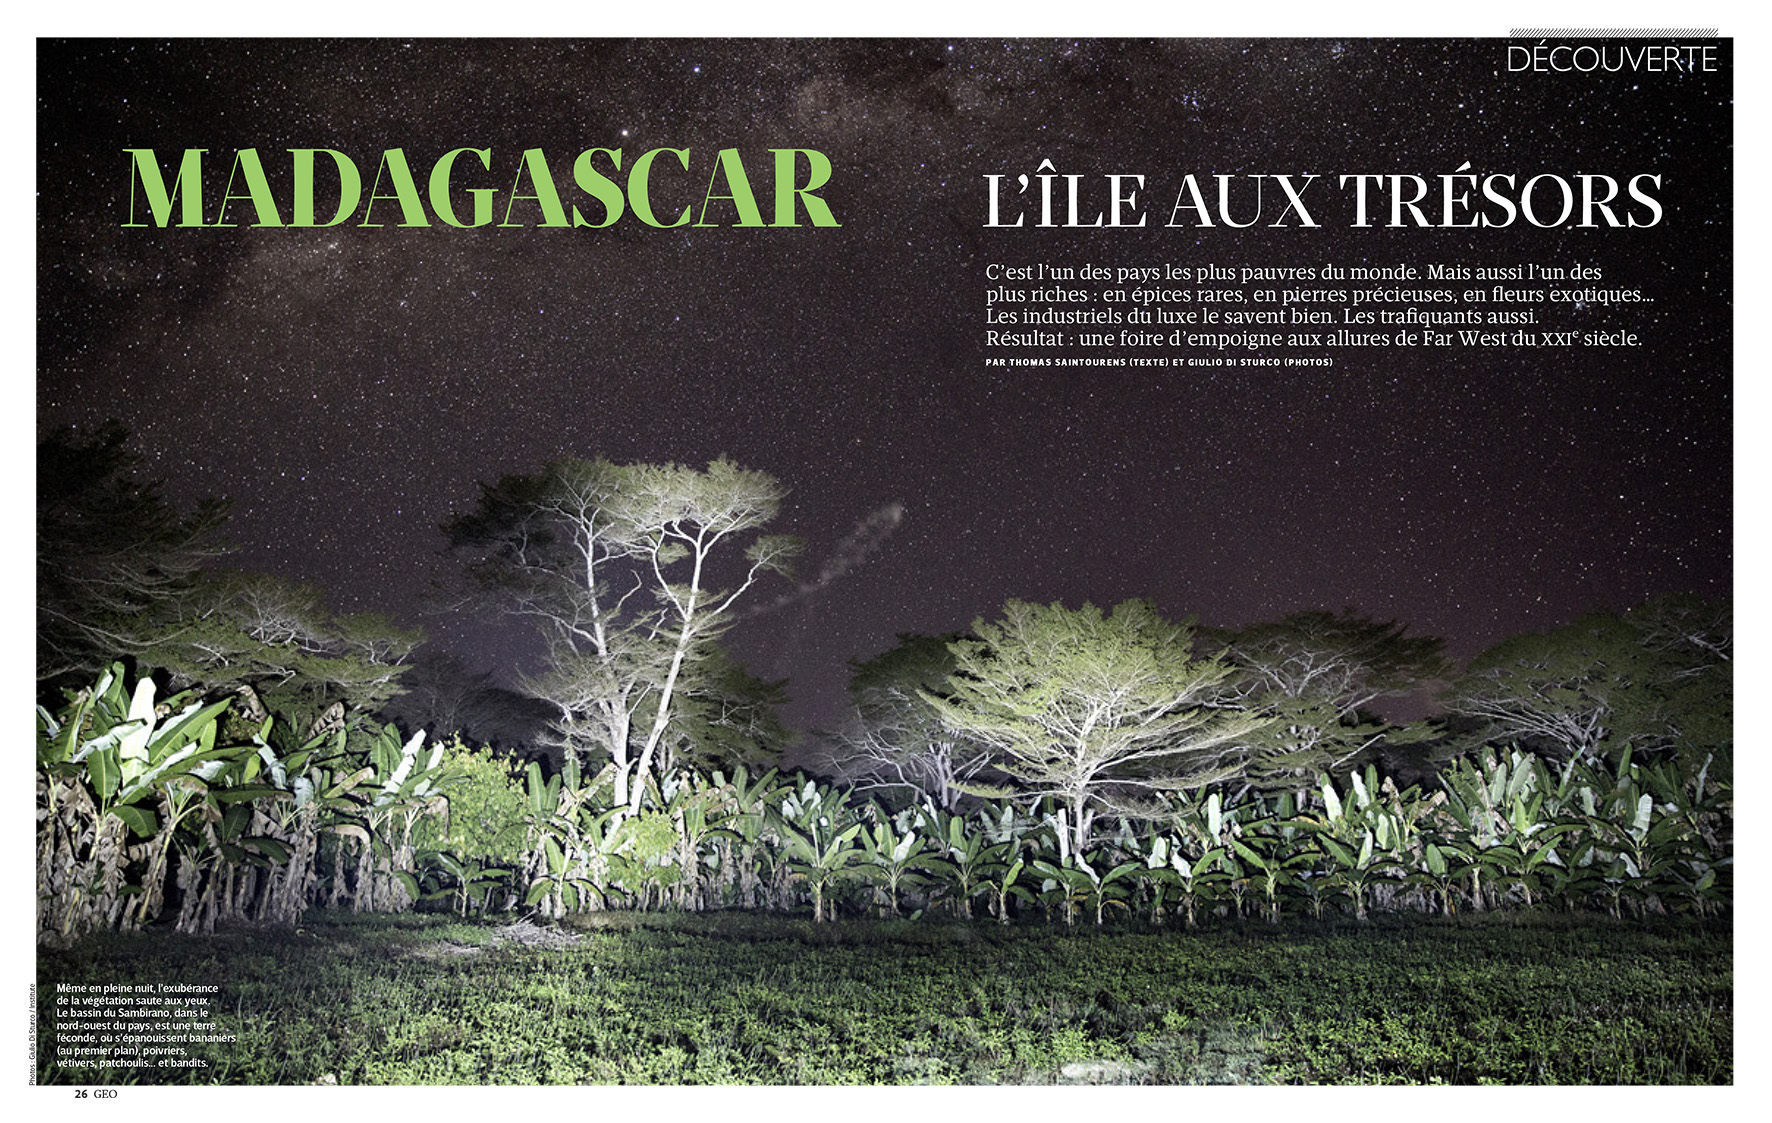 MADAGASCAR_17455-1